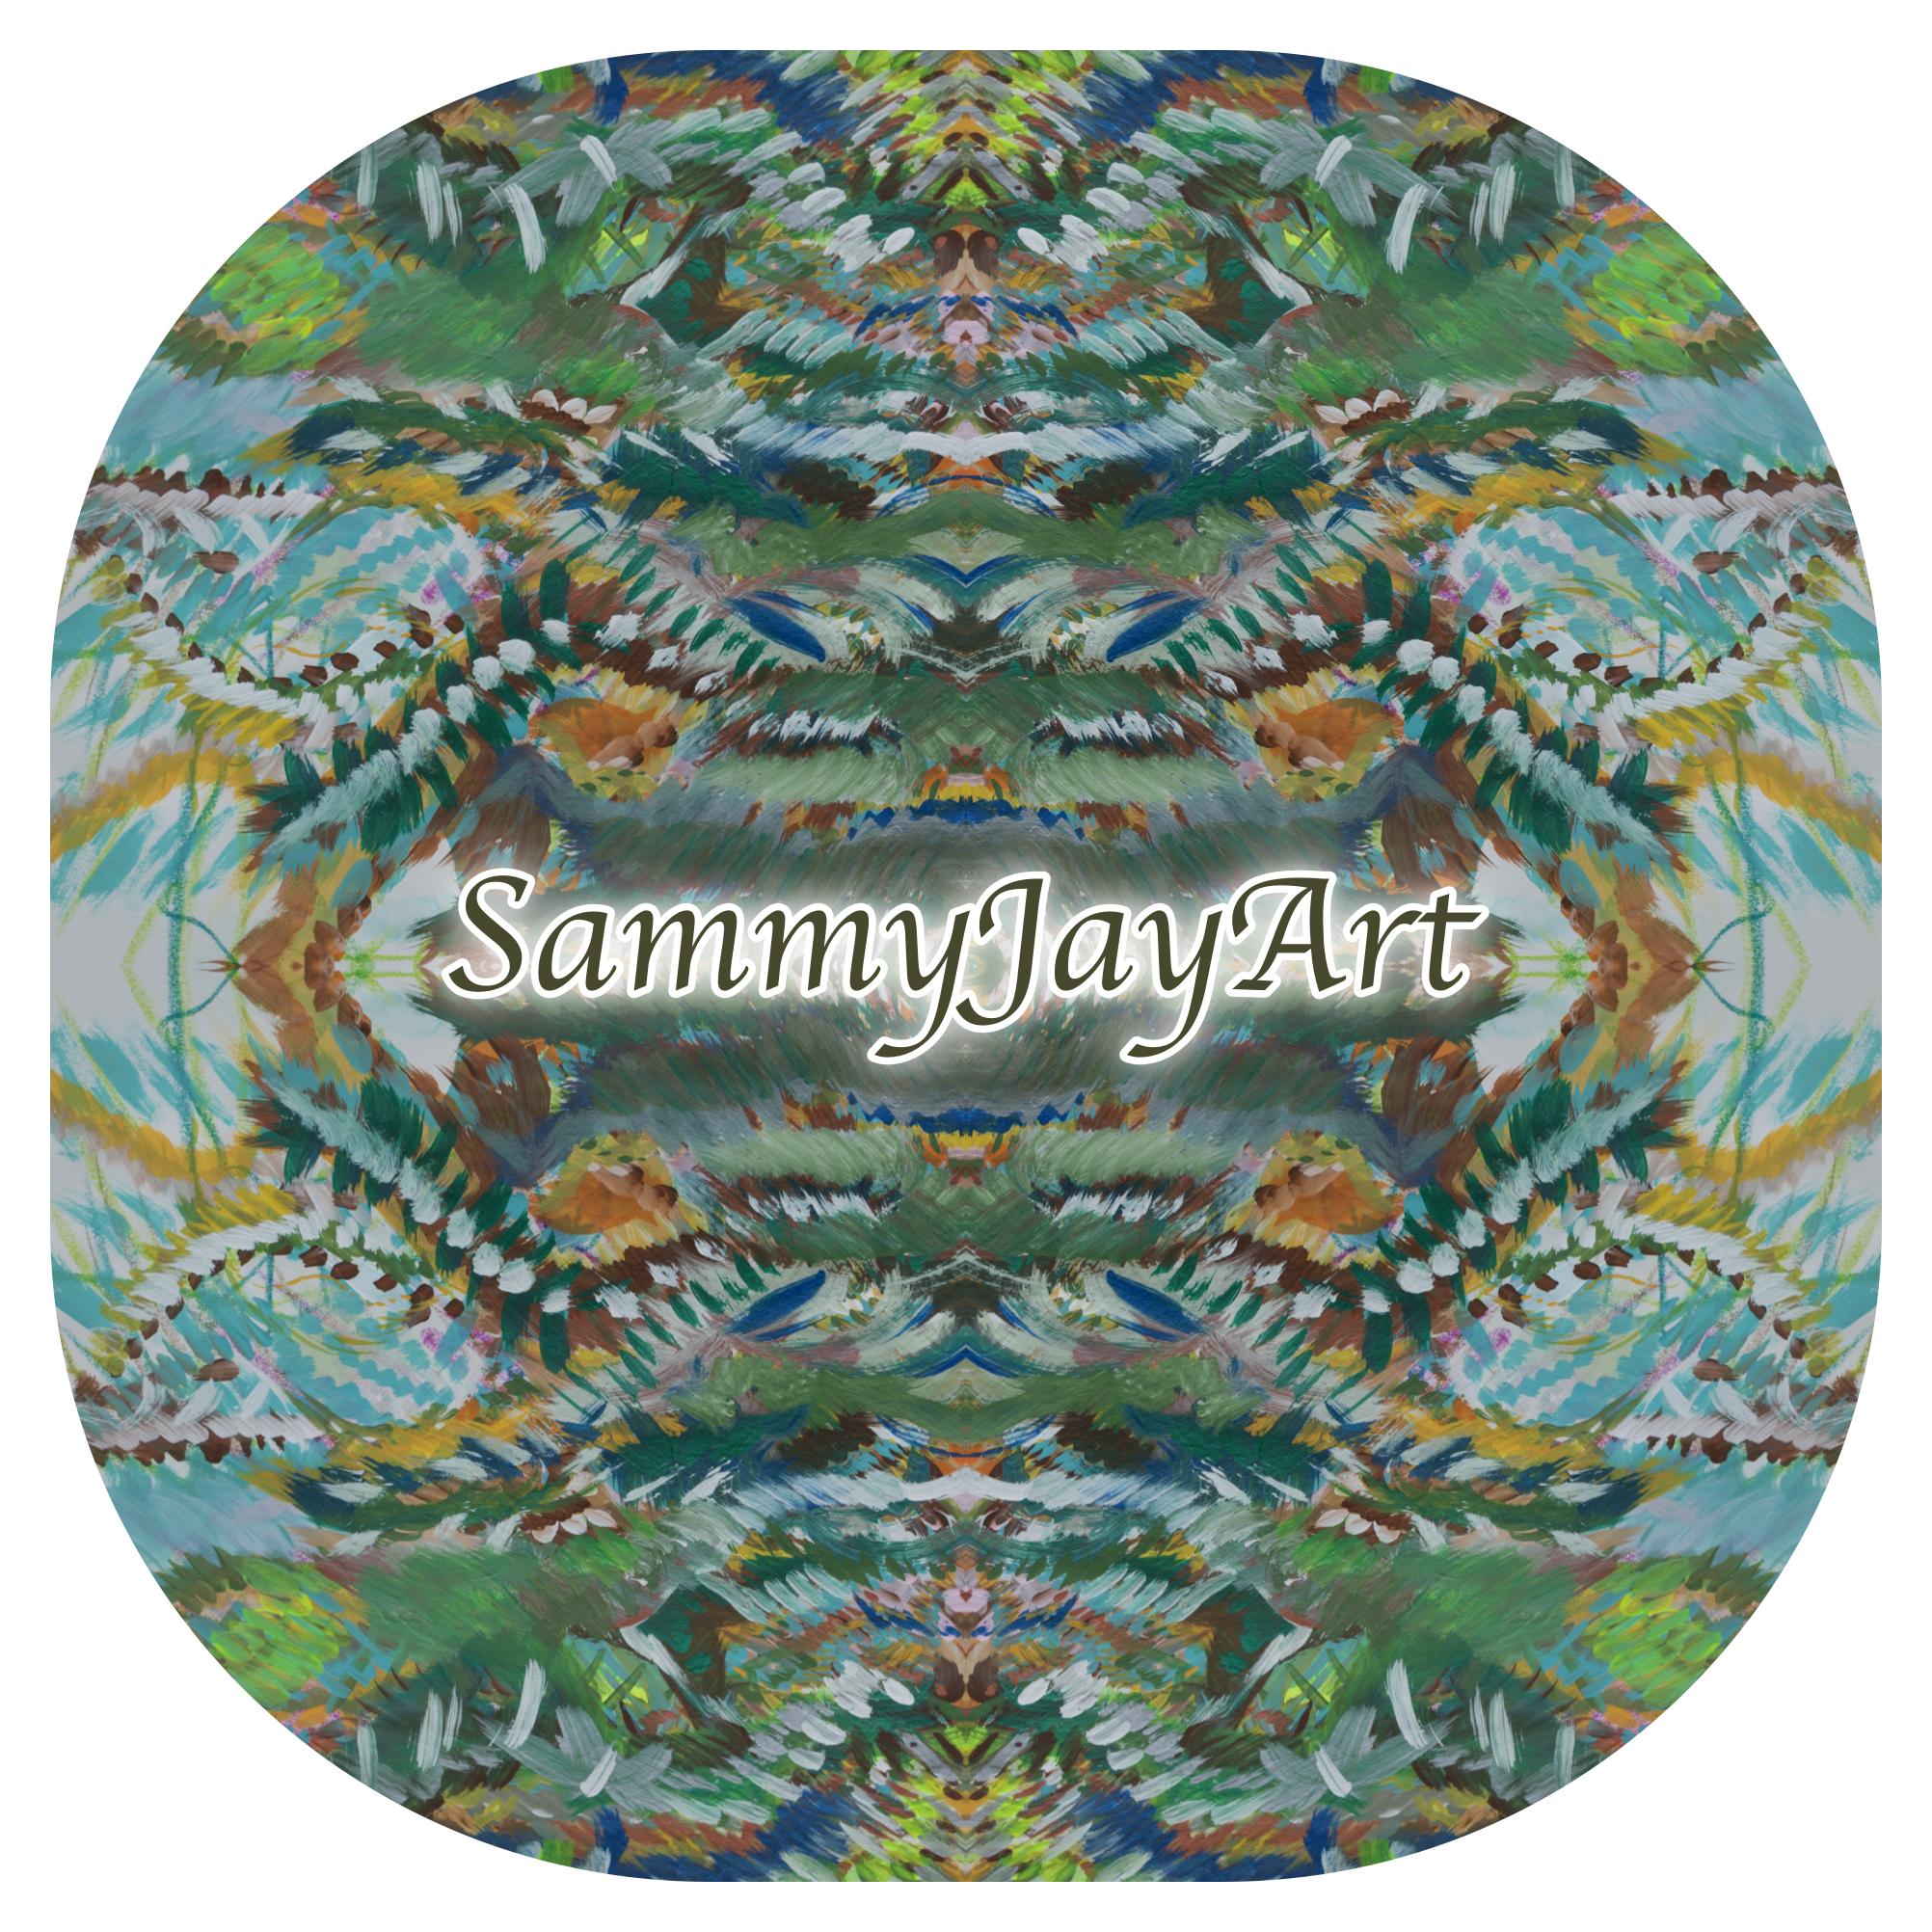 www.sammyjayart.com -